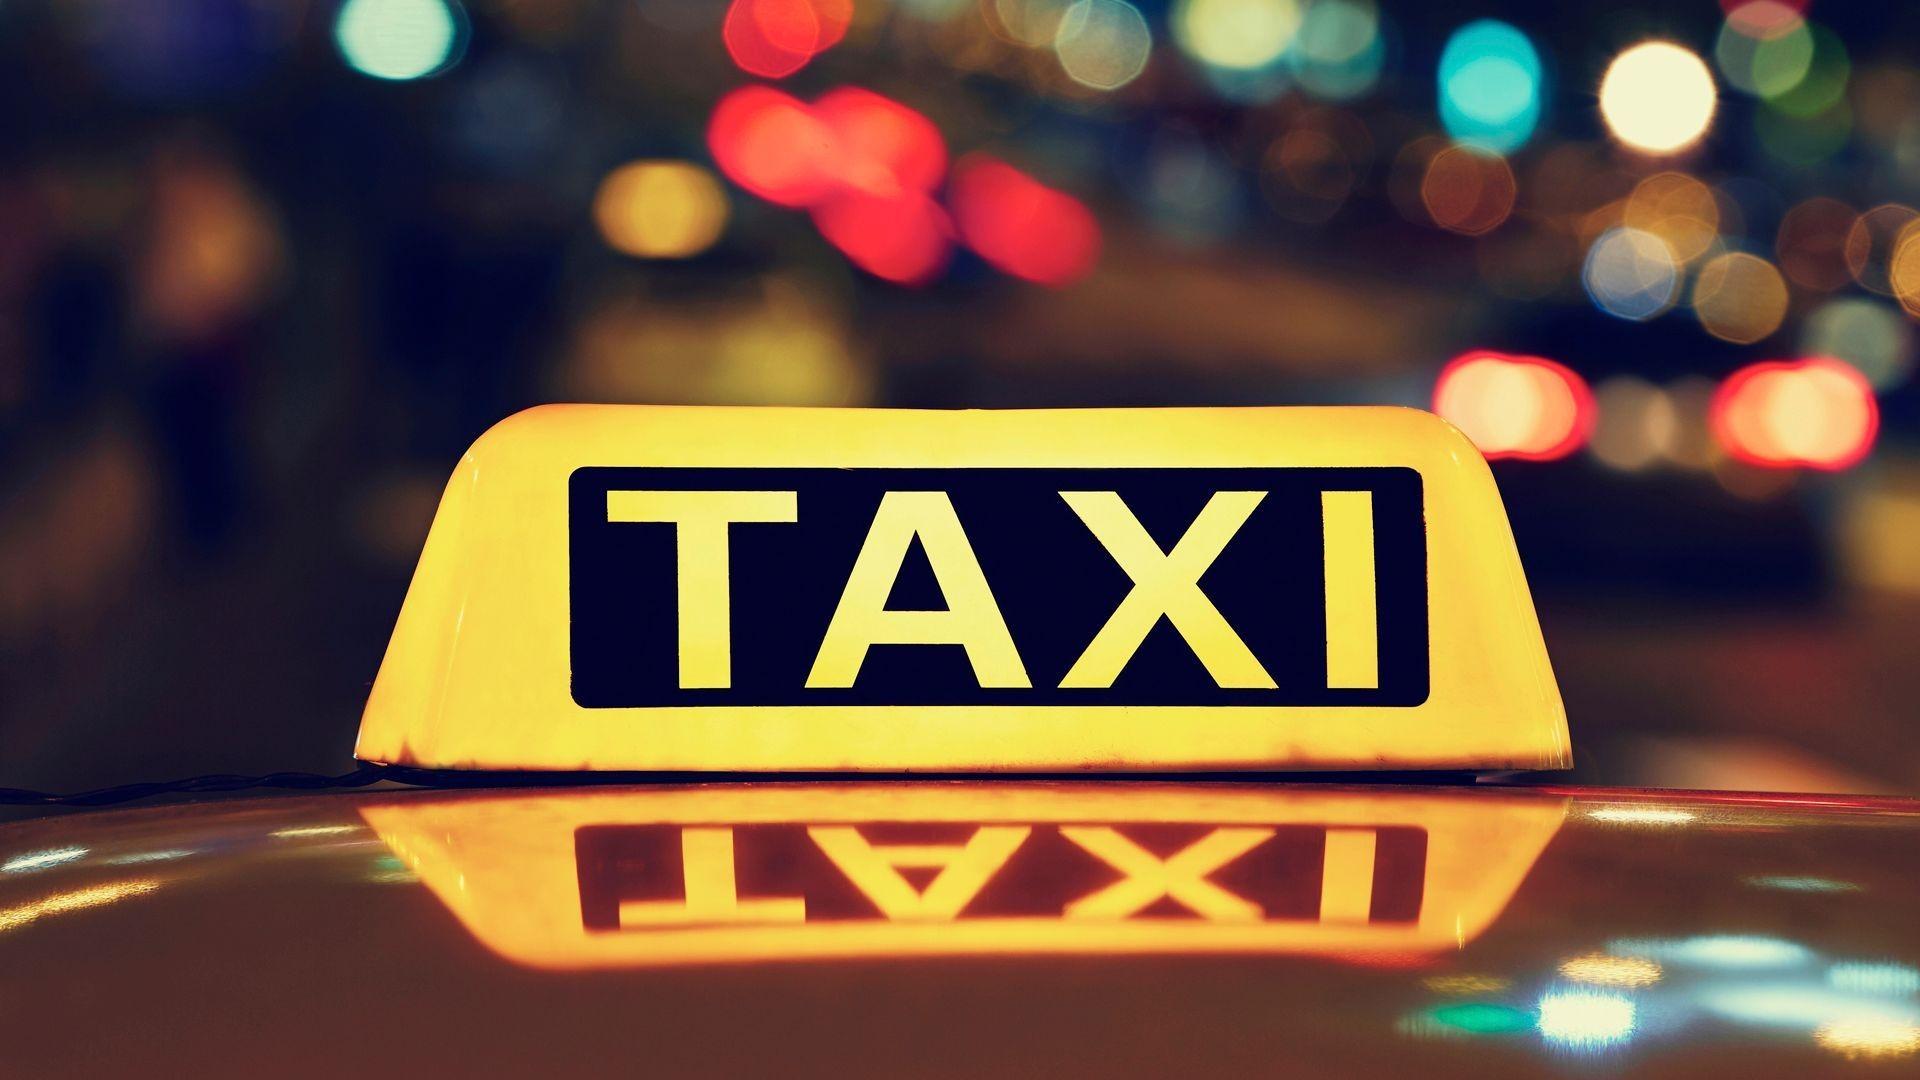 Taxi 24 horas en Bormujos